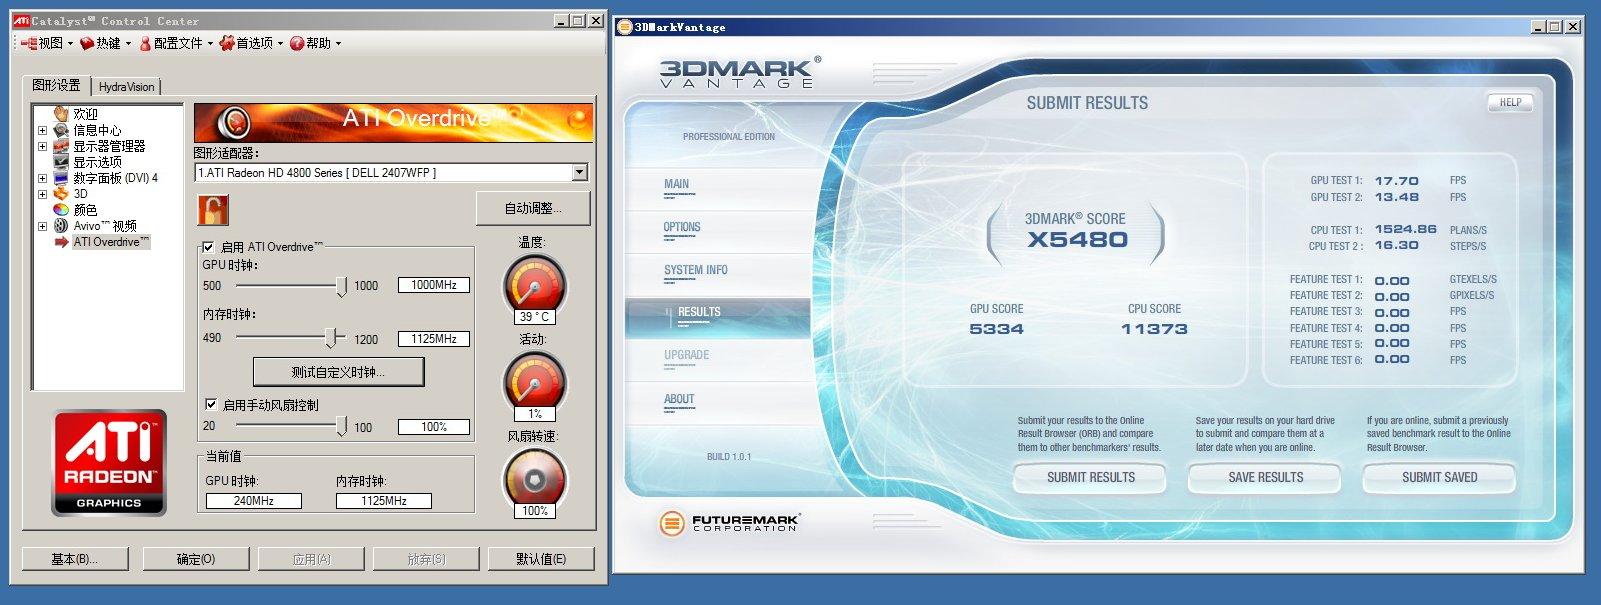 Radeon HD 4890 bei 1-GHz-Chiptakt